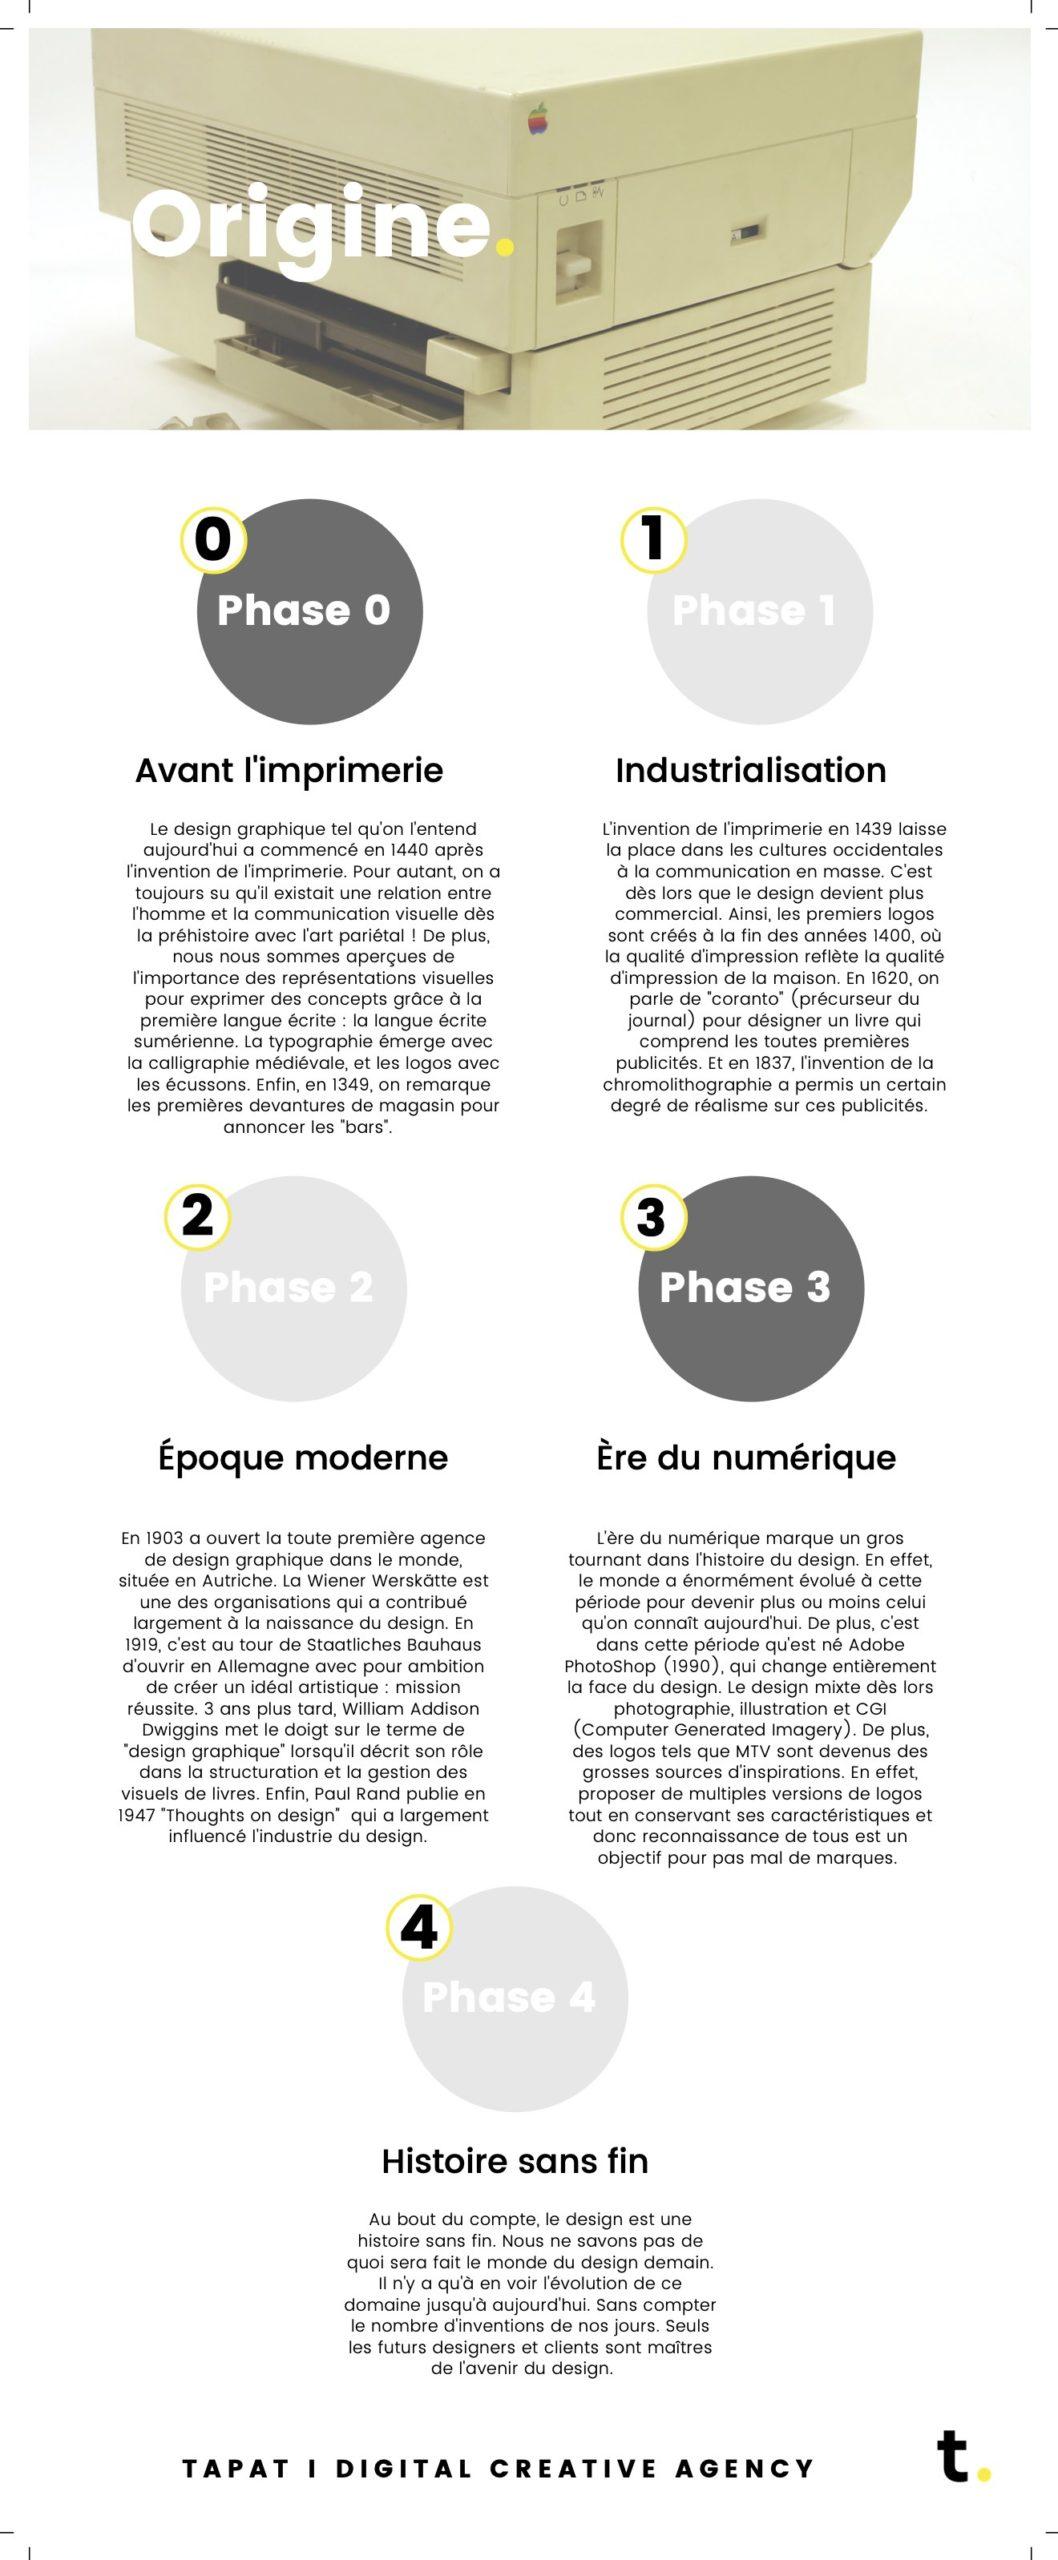 infographie du mois : évolution du design dans le temps